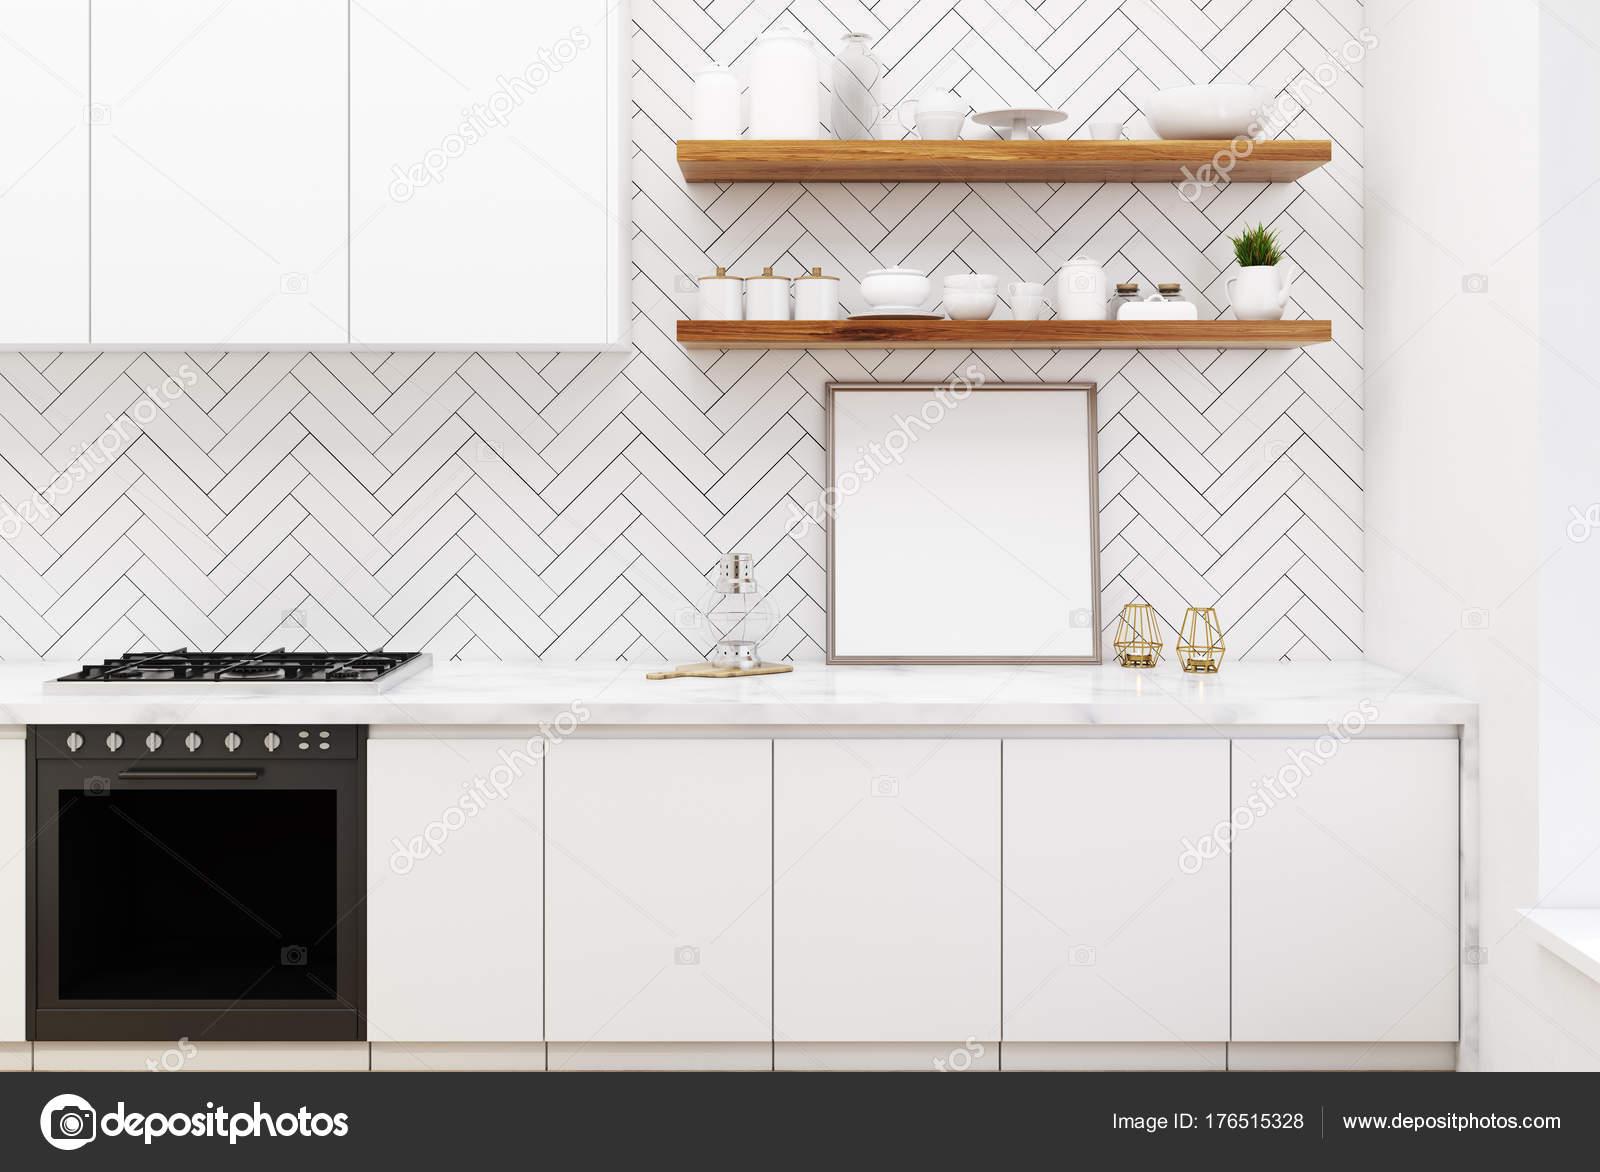 Cucina in legno bianca, sedie bianche, poster — Foto Stock ...